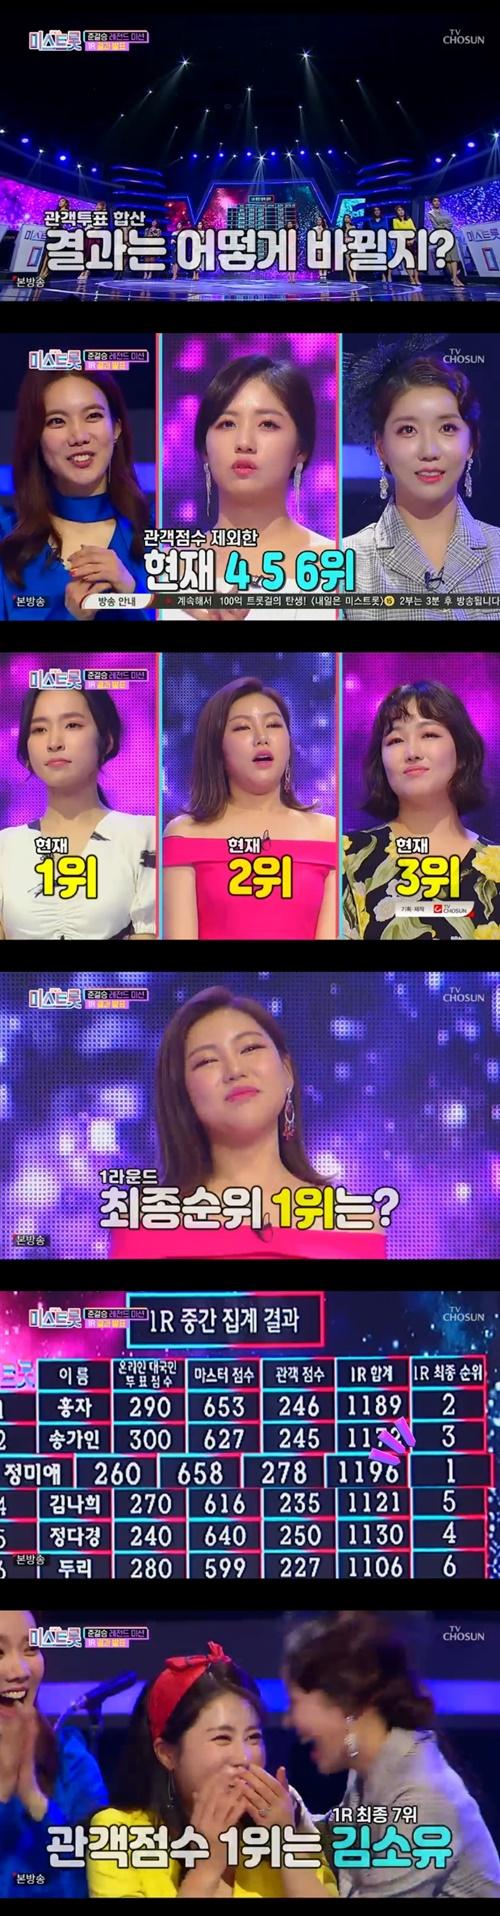 '미스트롯' 1라운드 개인전 1위 정미애, 2위 홍자, 3위 송가인